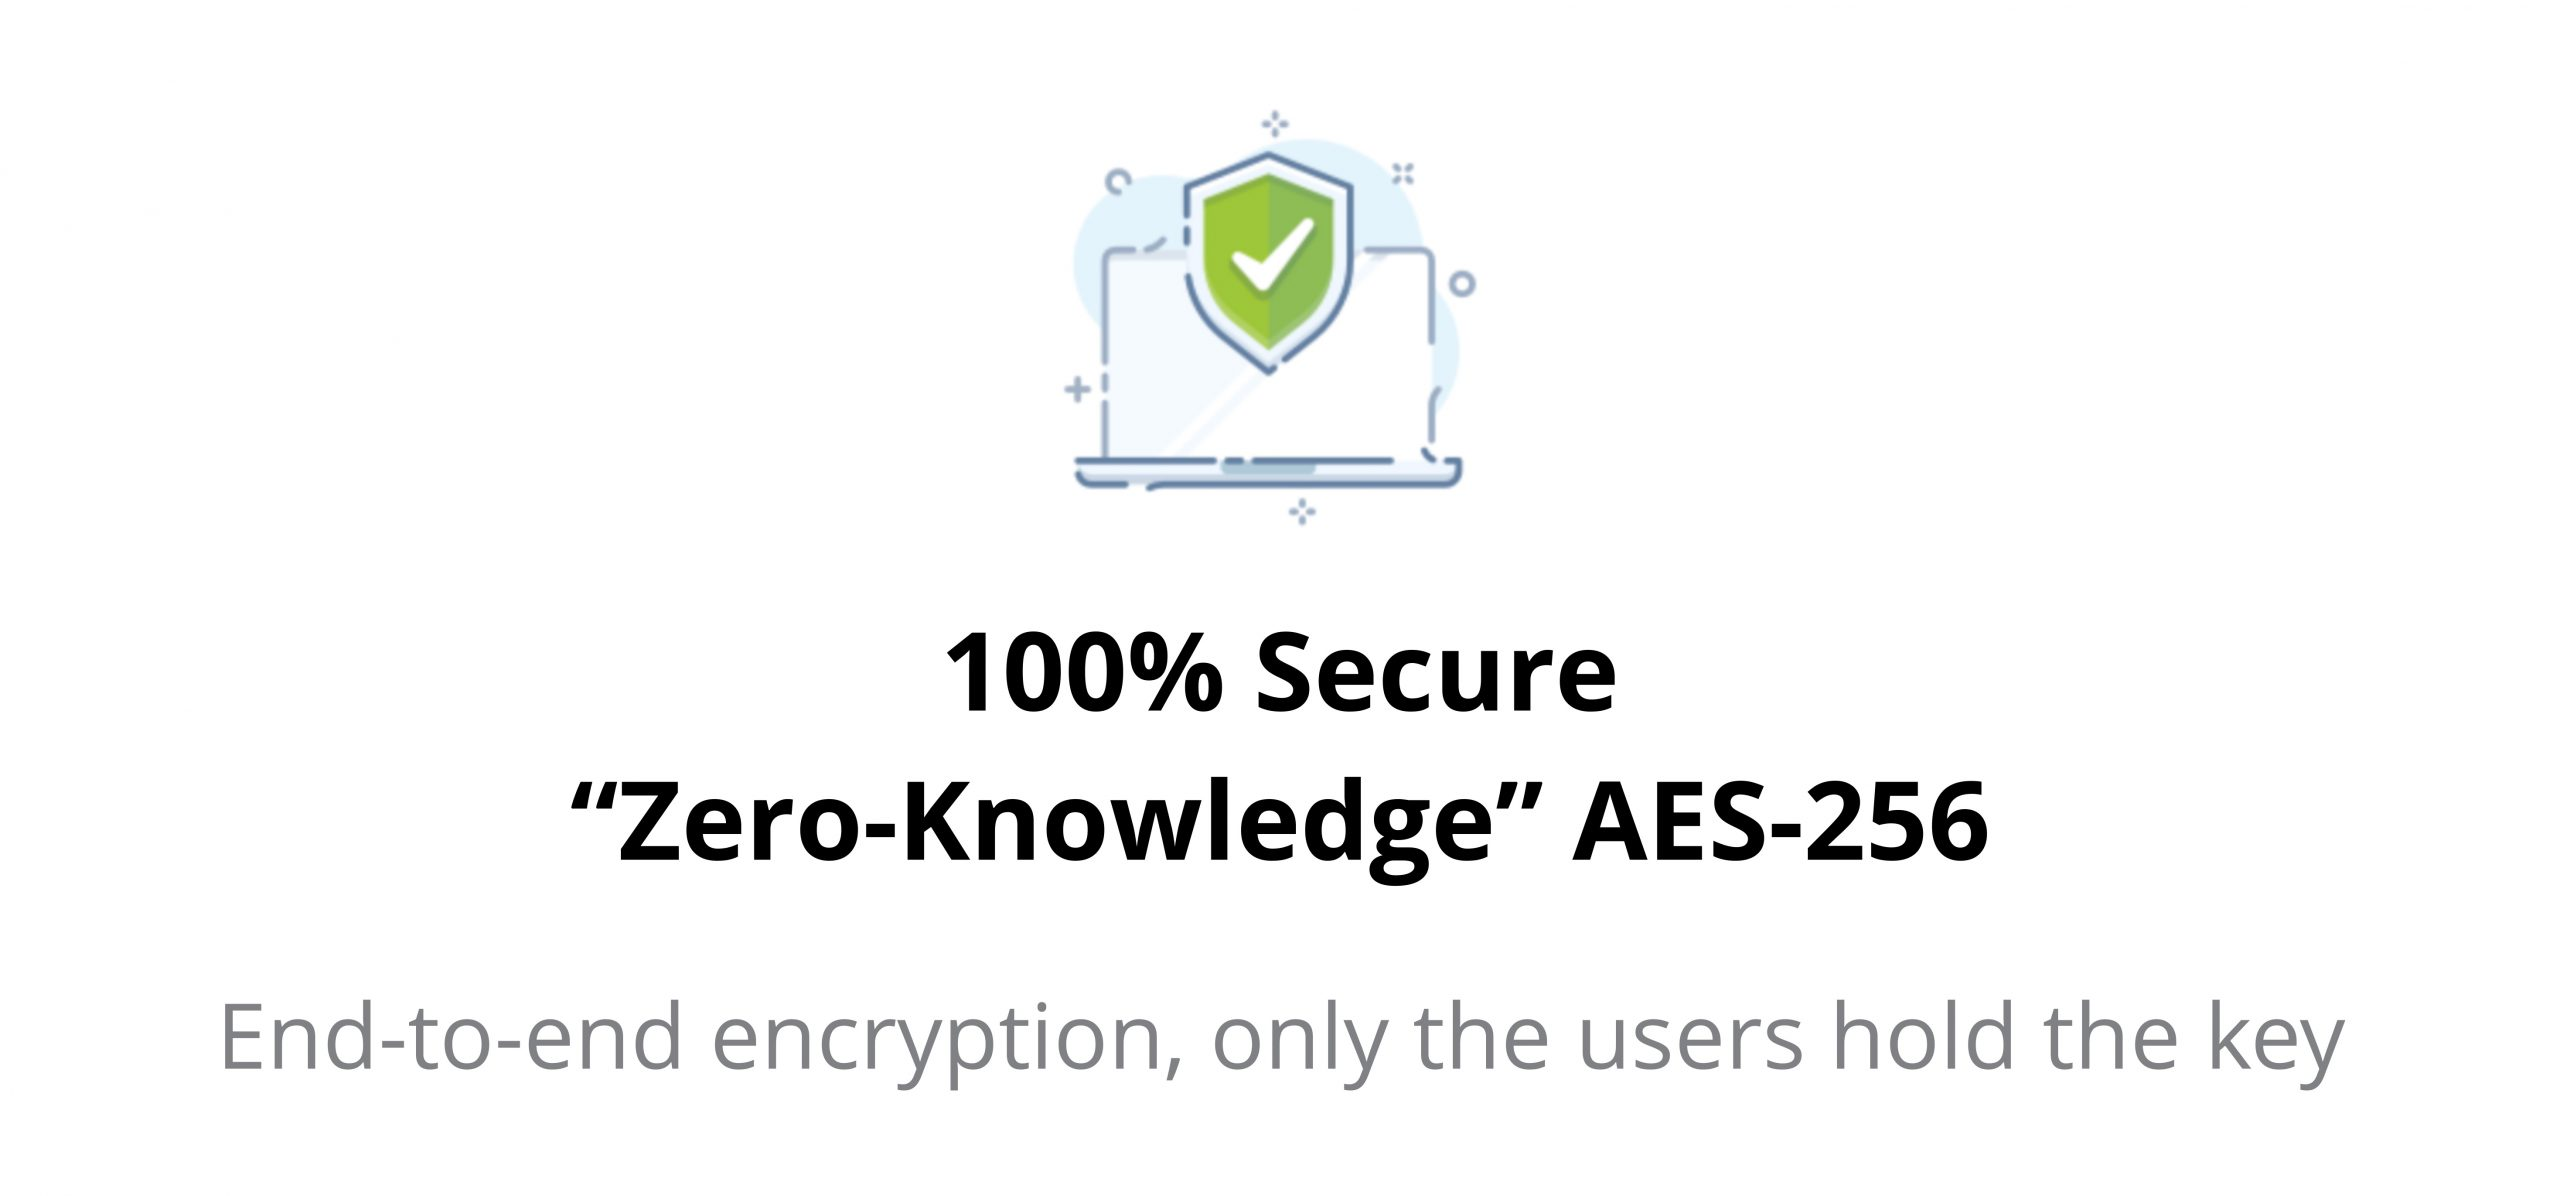 Zero-knowledge AES-256